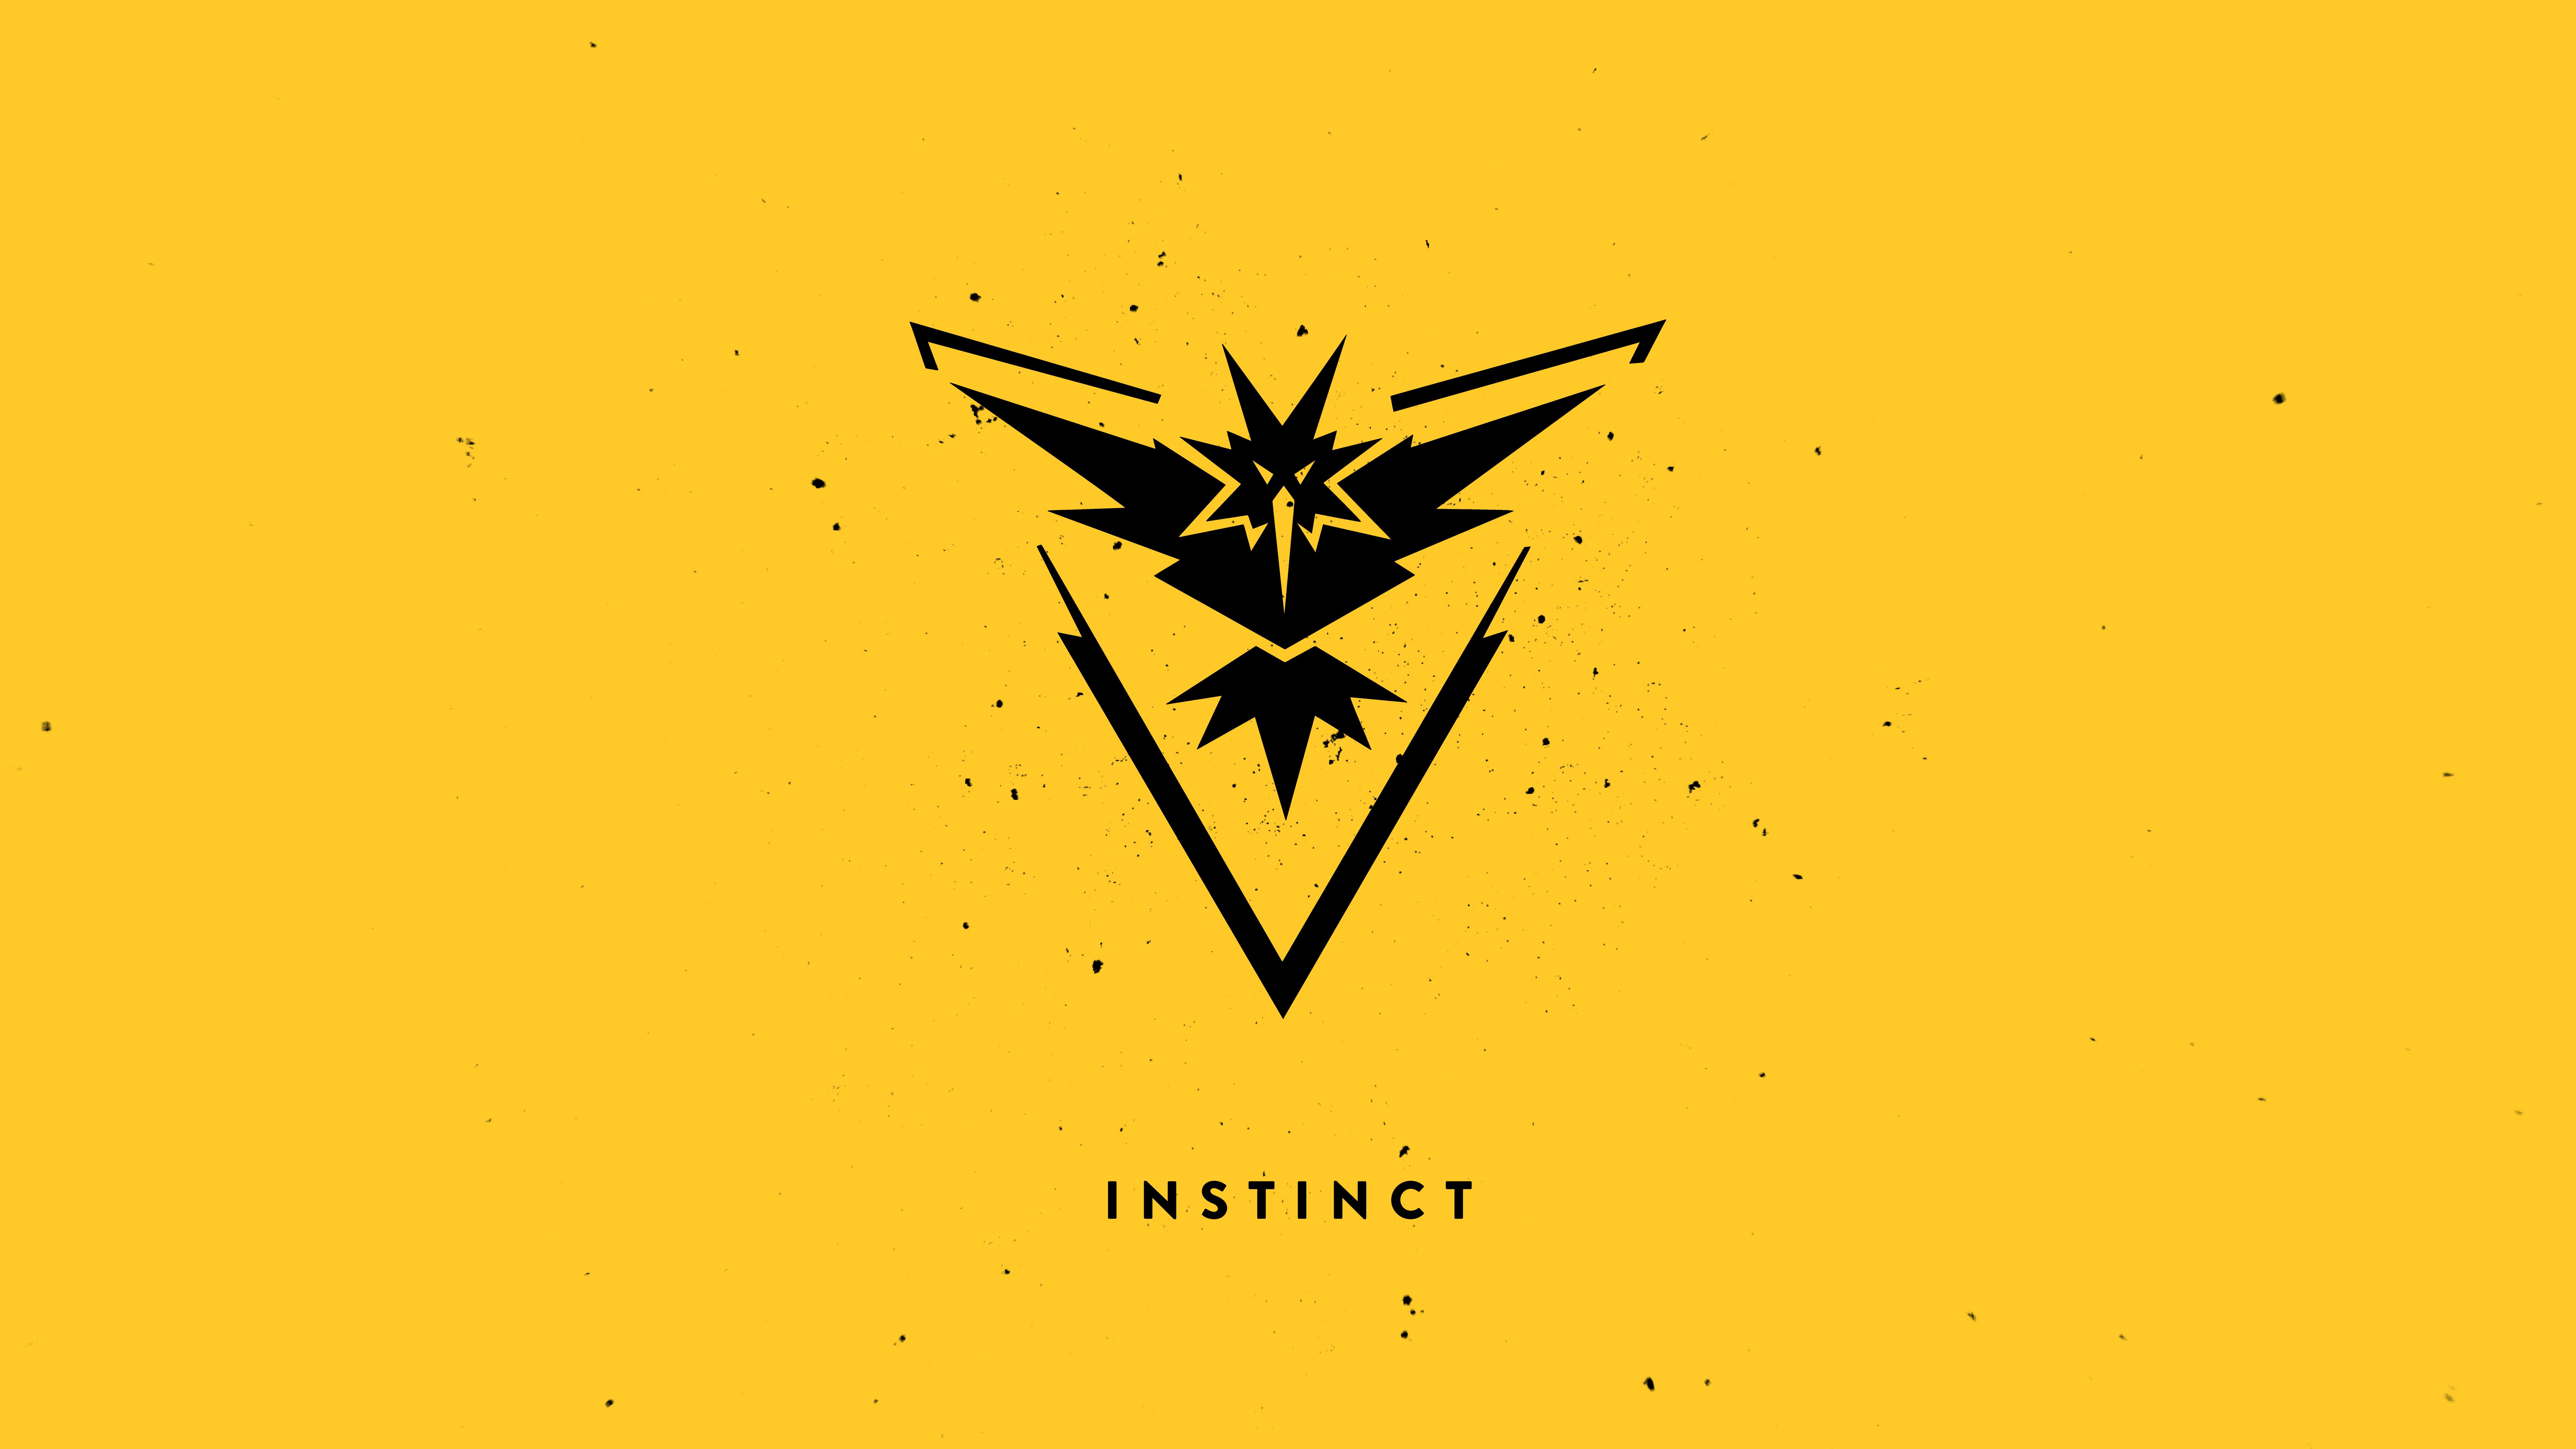 Team Instinct 8k Hd Games 4k Wallpapers Images HD Wallpapers Download Free Images Wallpaper [1000image.com]